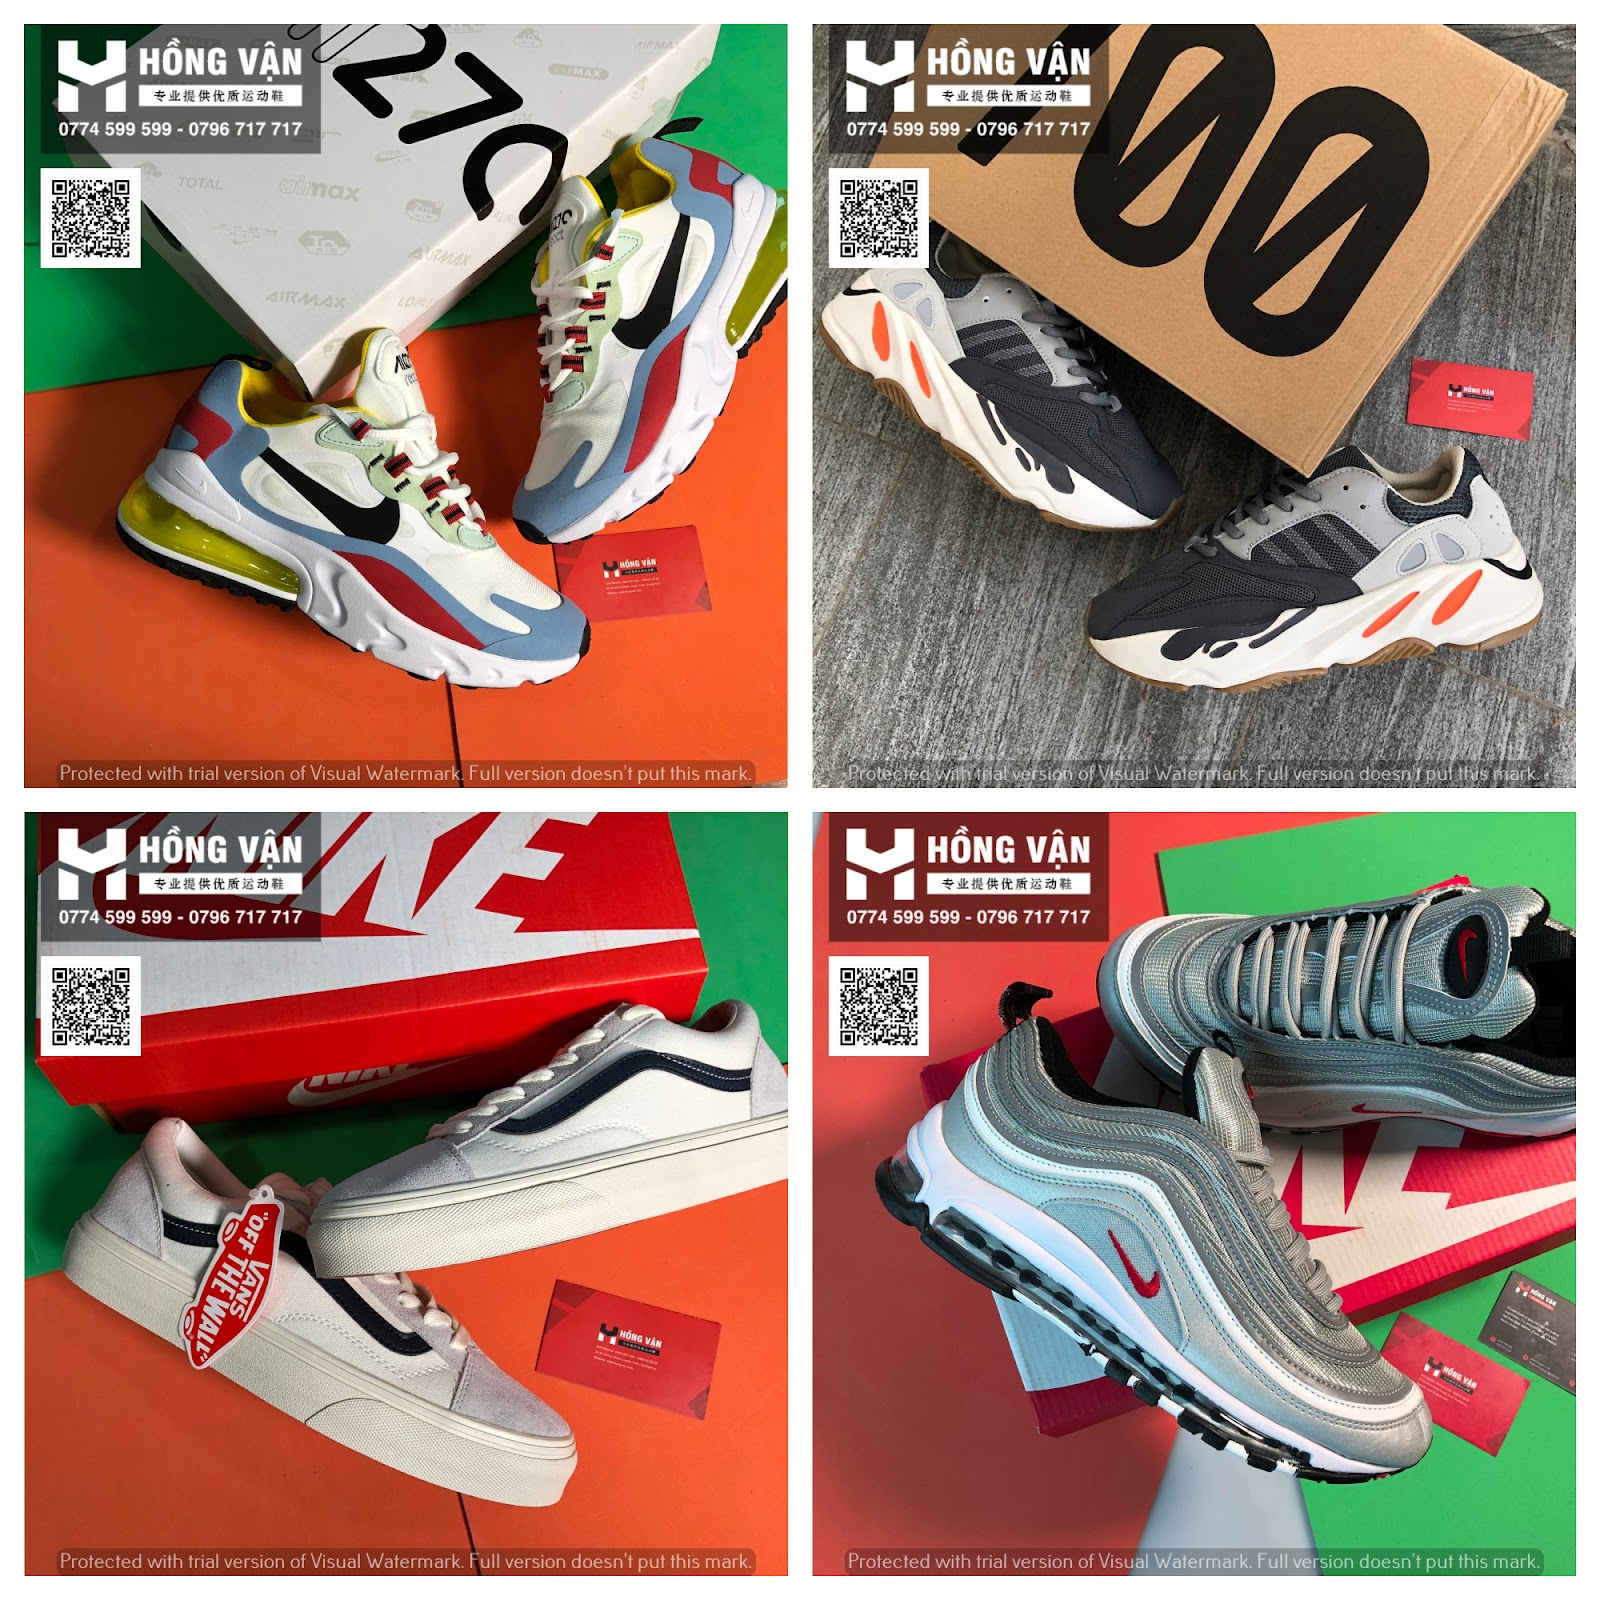 Hồng Vận - Tổng buôn sỉ giày thể thao chất lượng , uy tín ( hình thật - 3